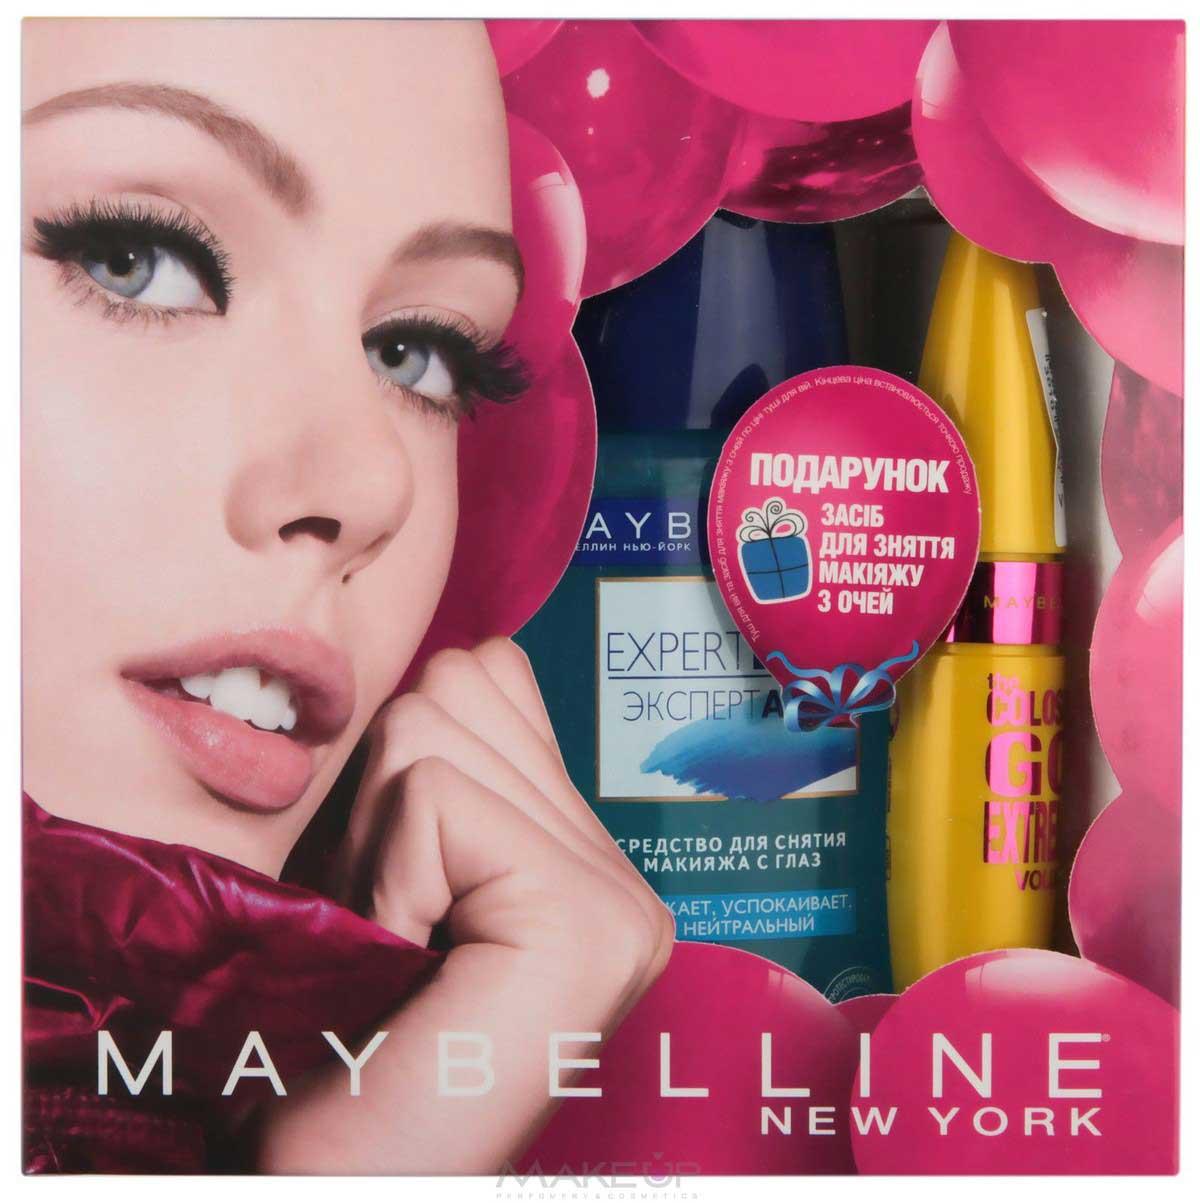 nabor-maybelline-mascara